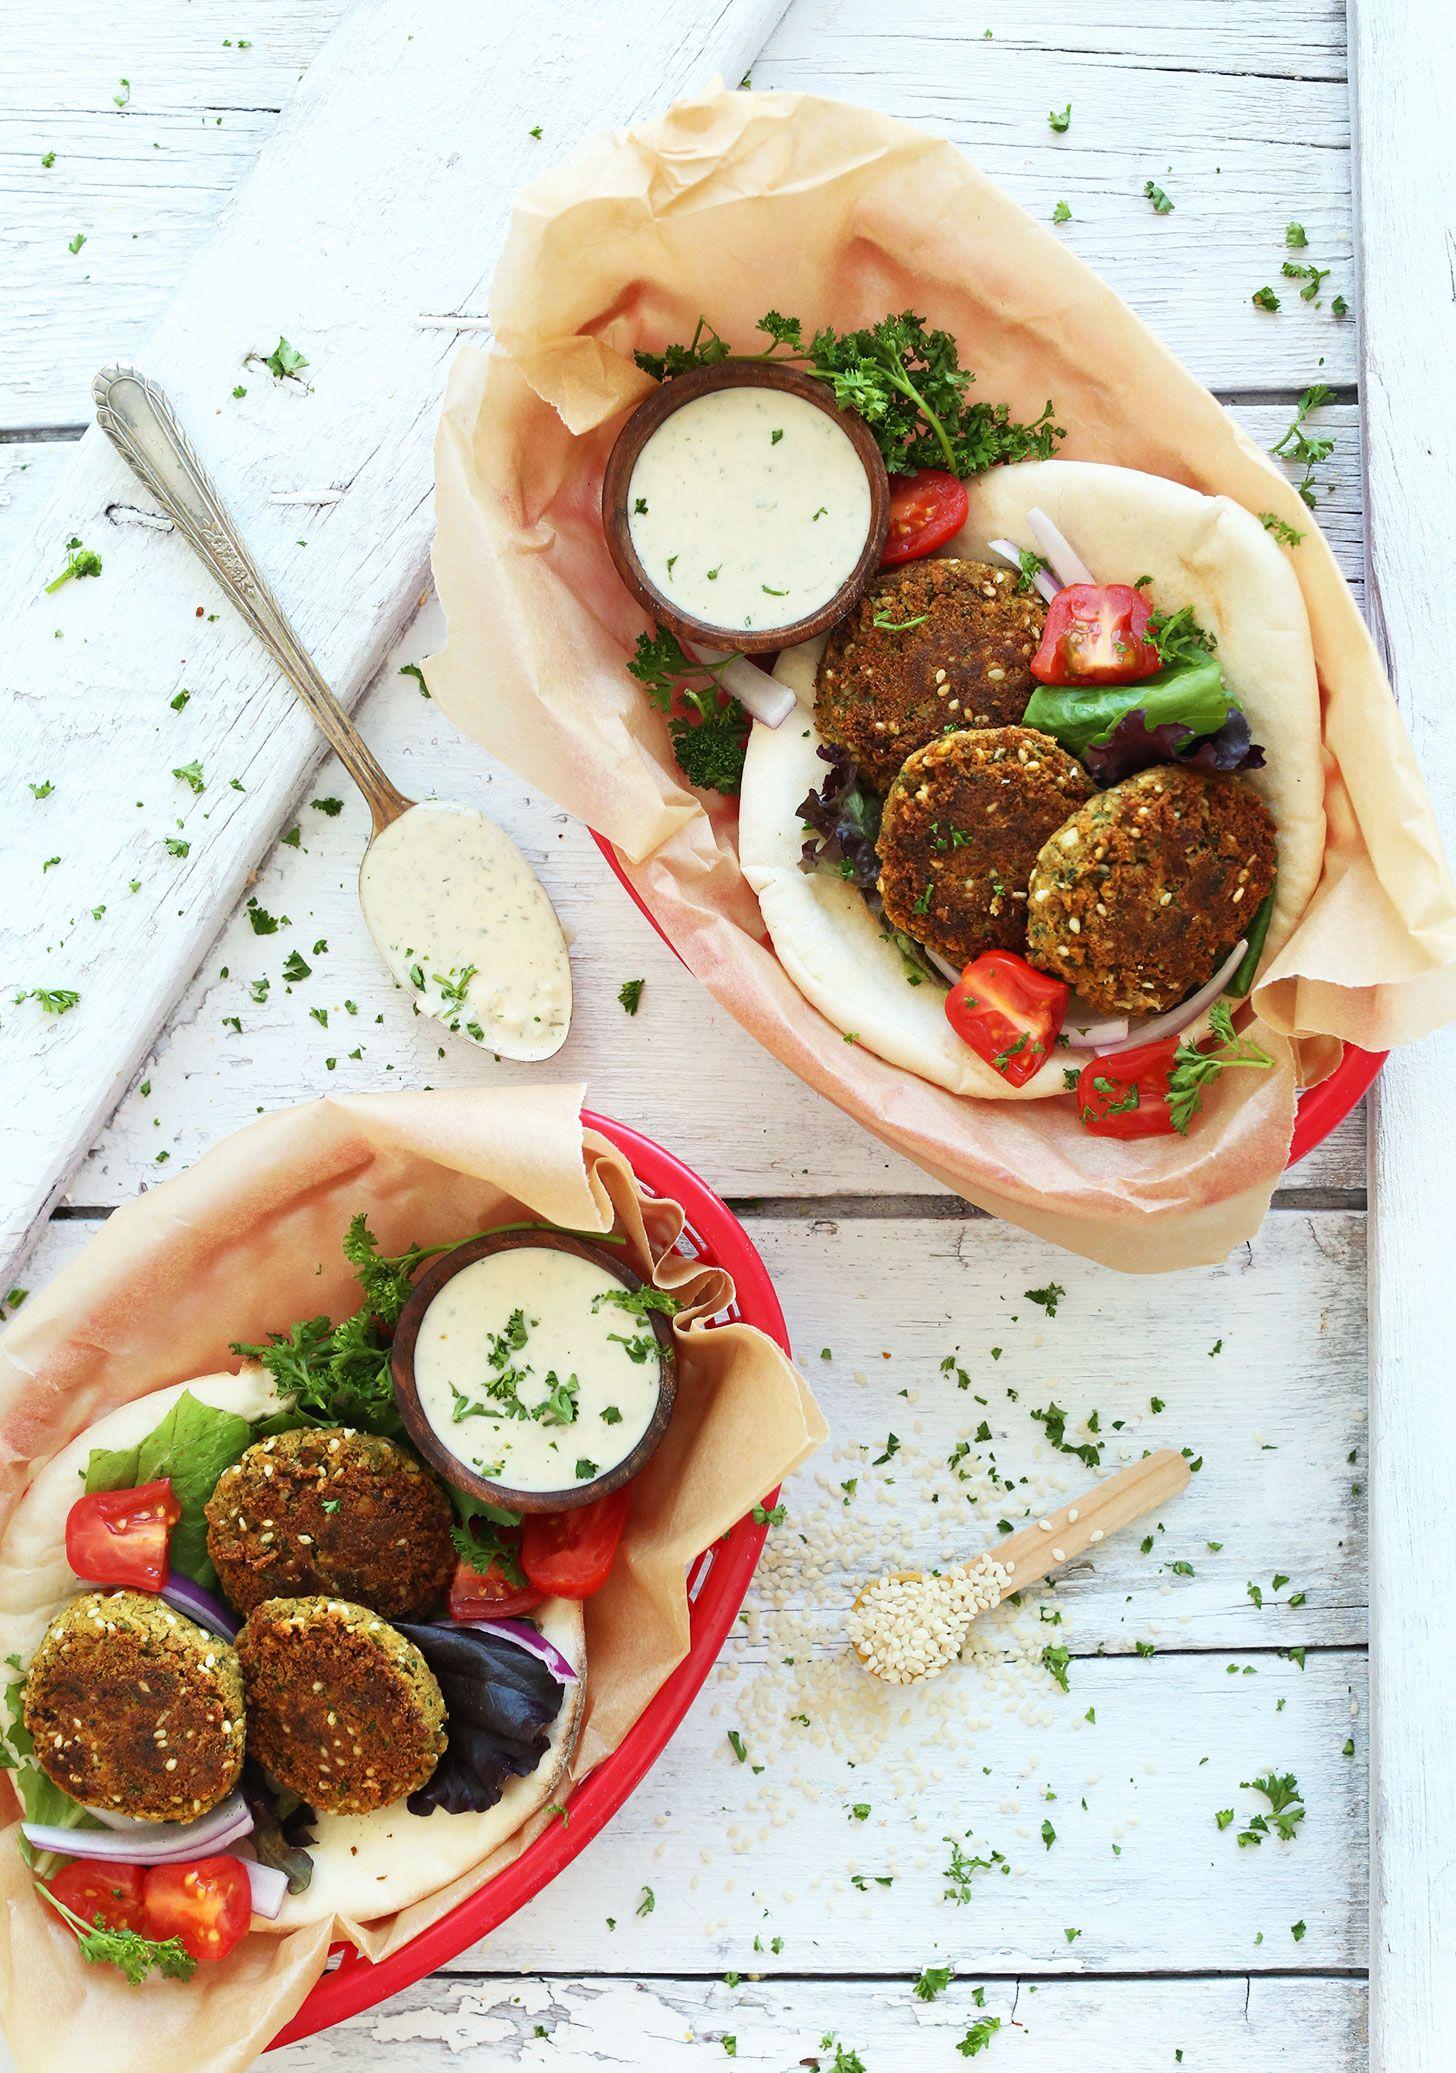 Easy veggie food recipes